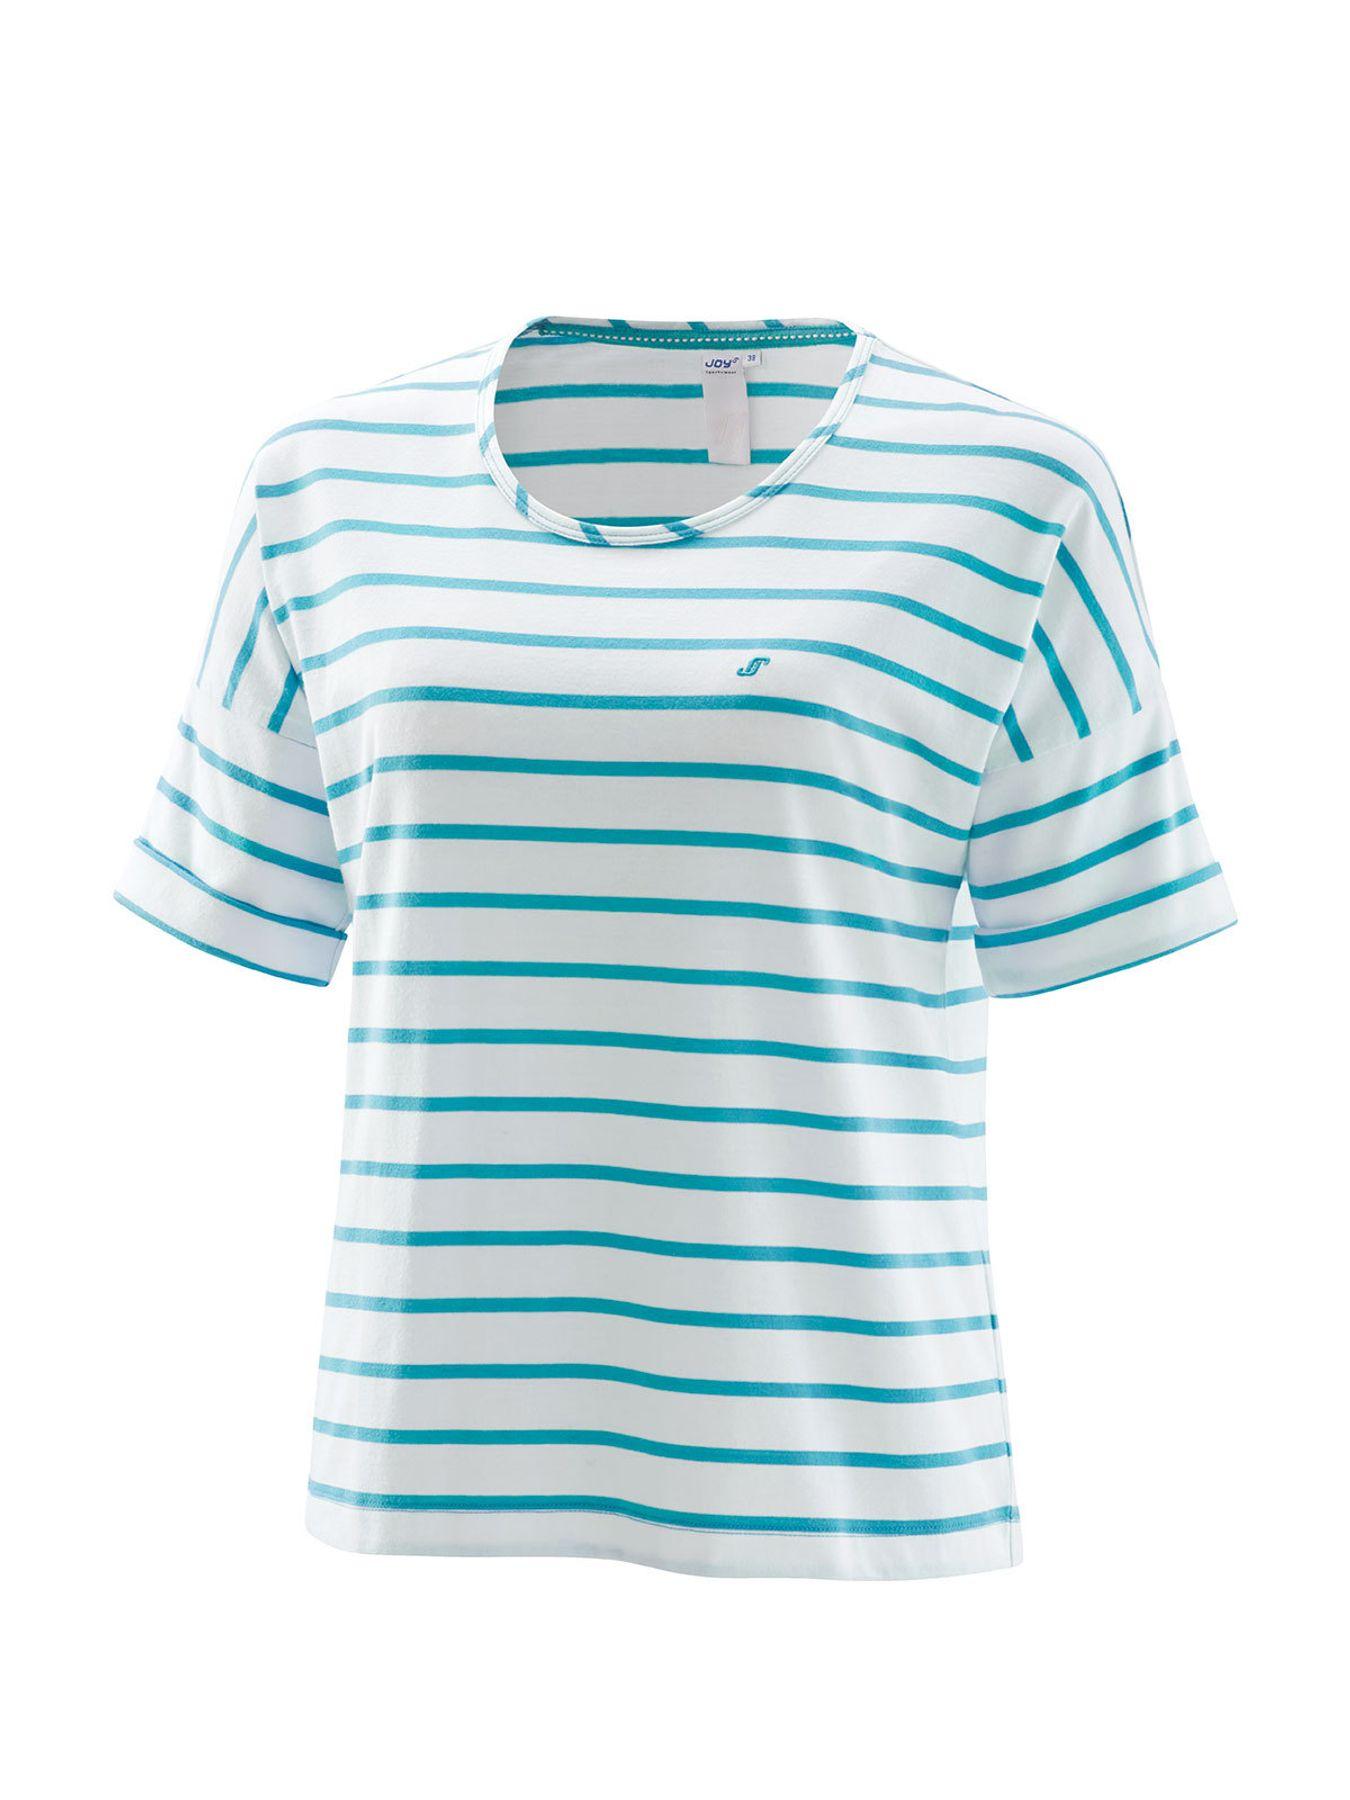 Joy - Damen Sport und Freizeit Shirt in verschiedenen Farbvarianten, Zola (34495 A) – Bild 7